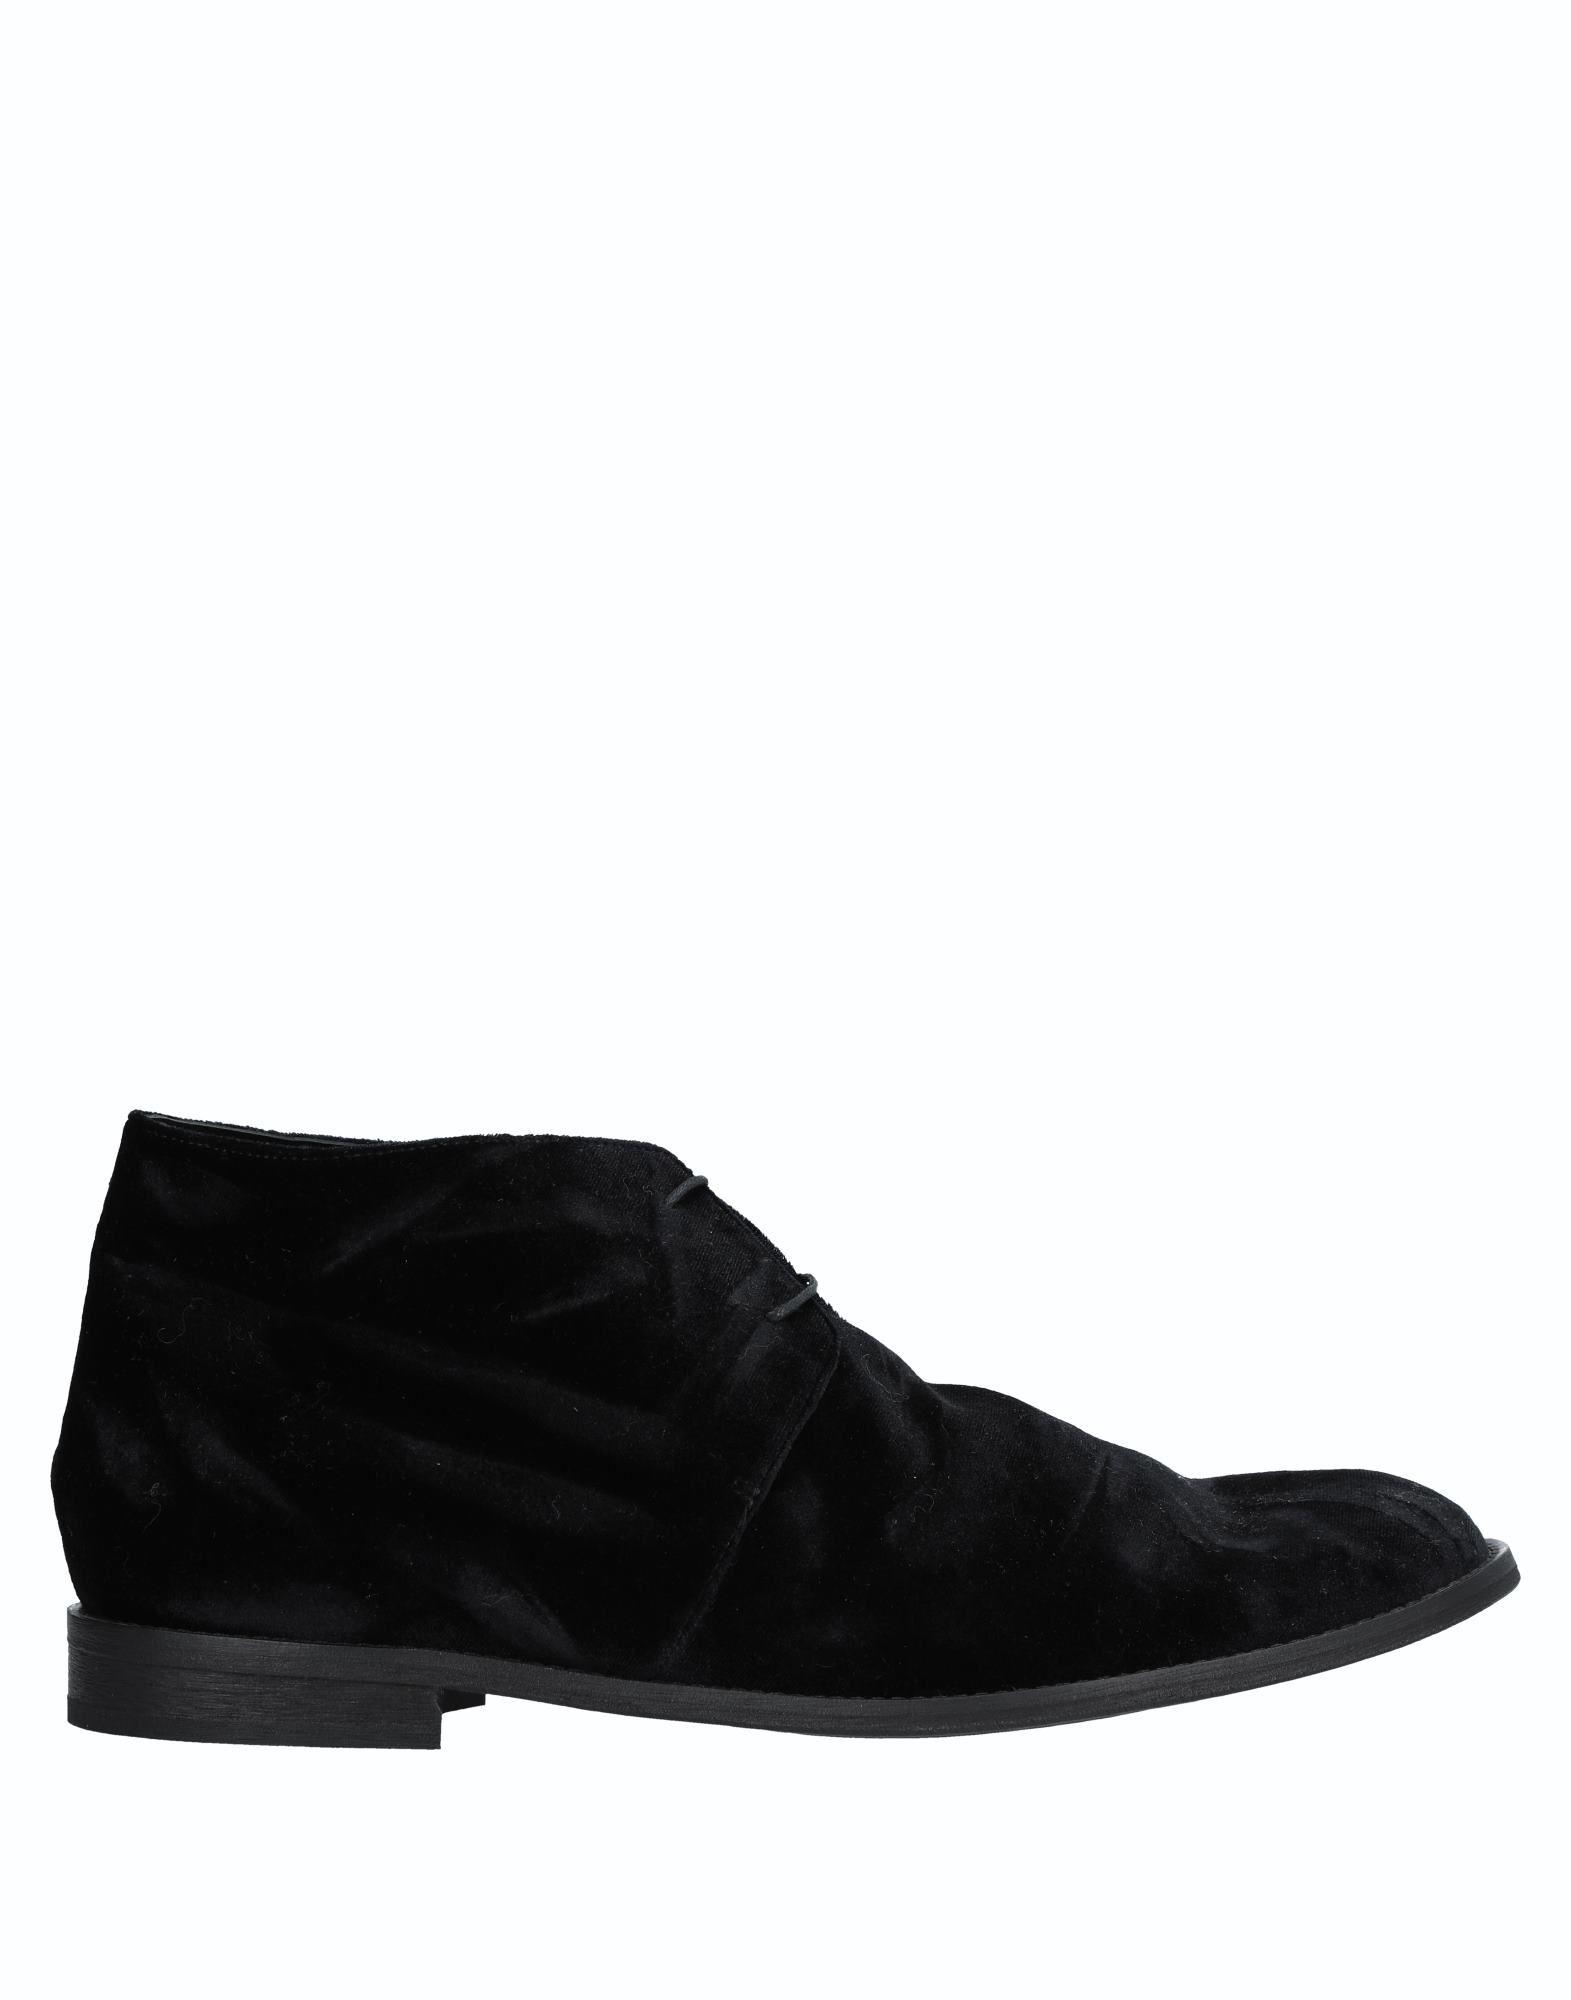 Ann Demeulemeester Schnürschuhe Herren  11519354UG Gute Qualität beliebte Schuhe